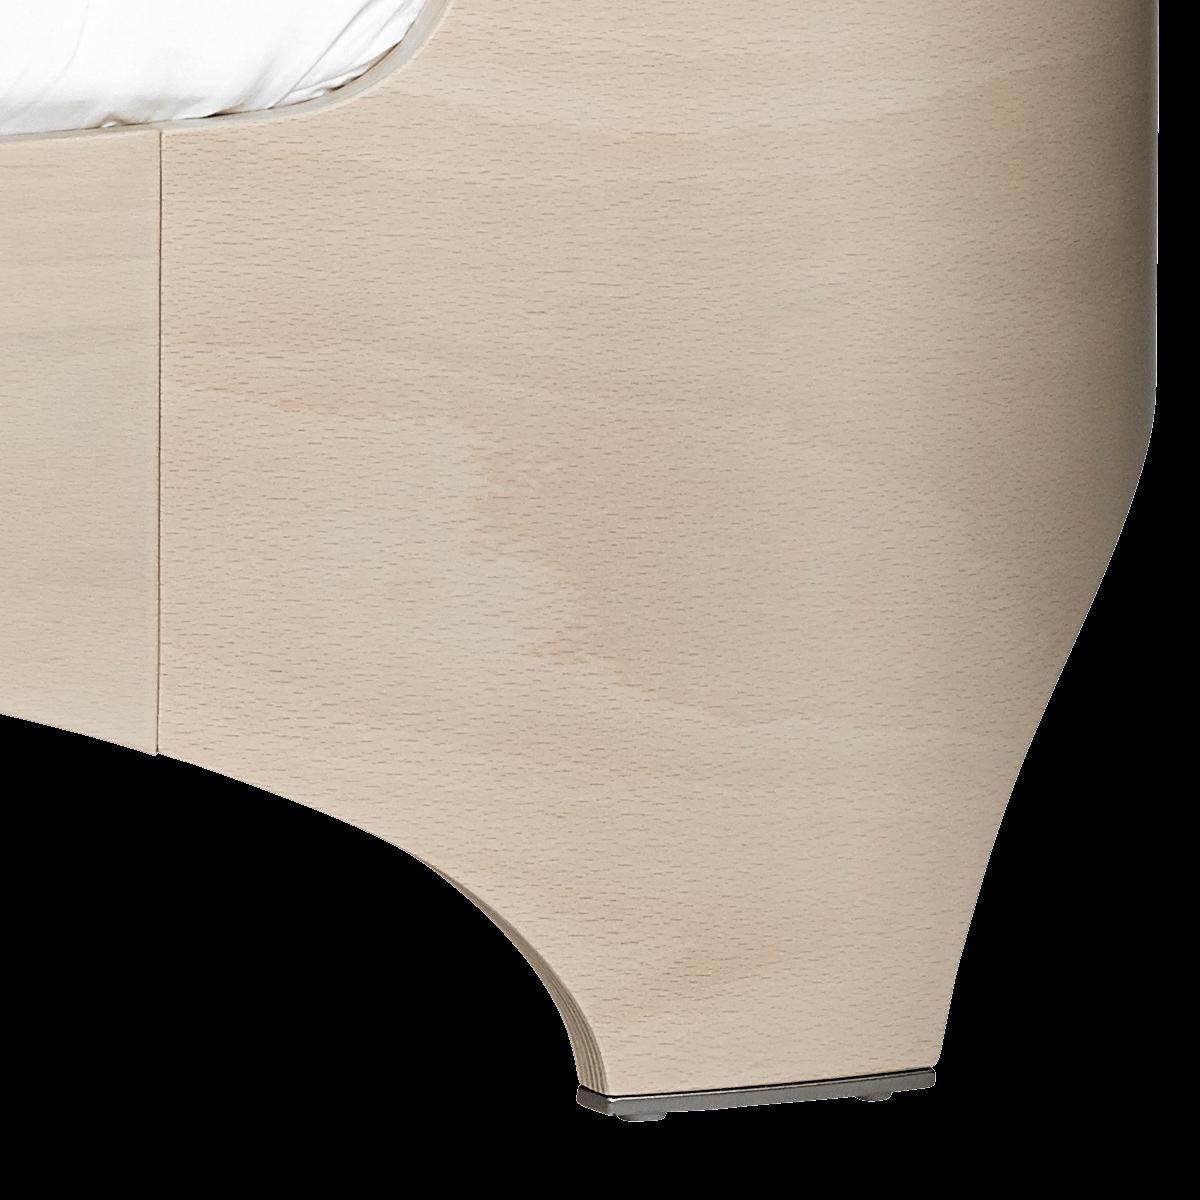 Full Size of Leander Bett Mit Matratze Und Lattenrost Wand 90x200 Hoch Ausziehbares Selber Zusammenstellen Großes Gästebett überlänge 180x200 Günstig Bettwäsche Bett Leander Bett